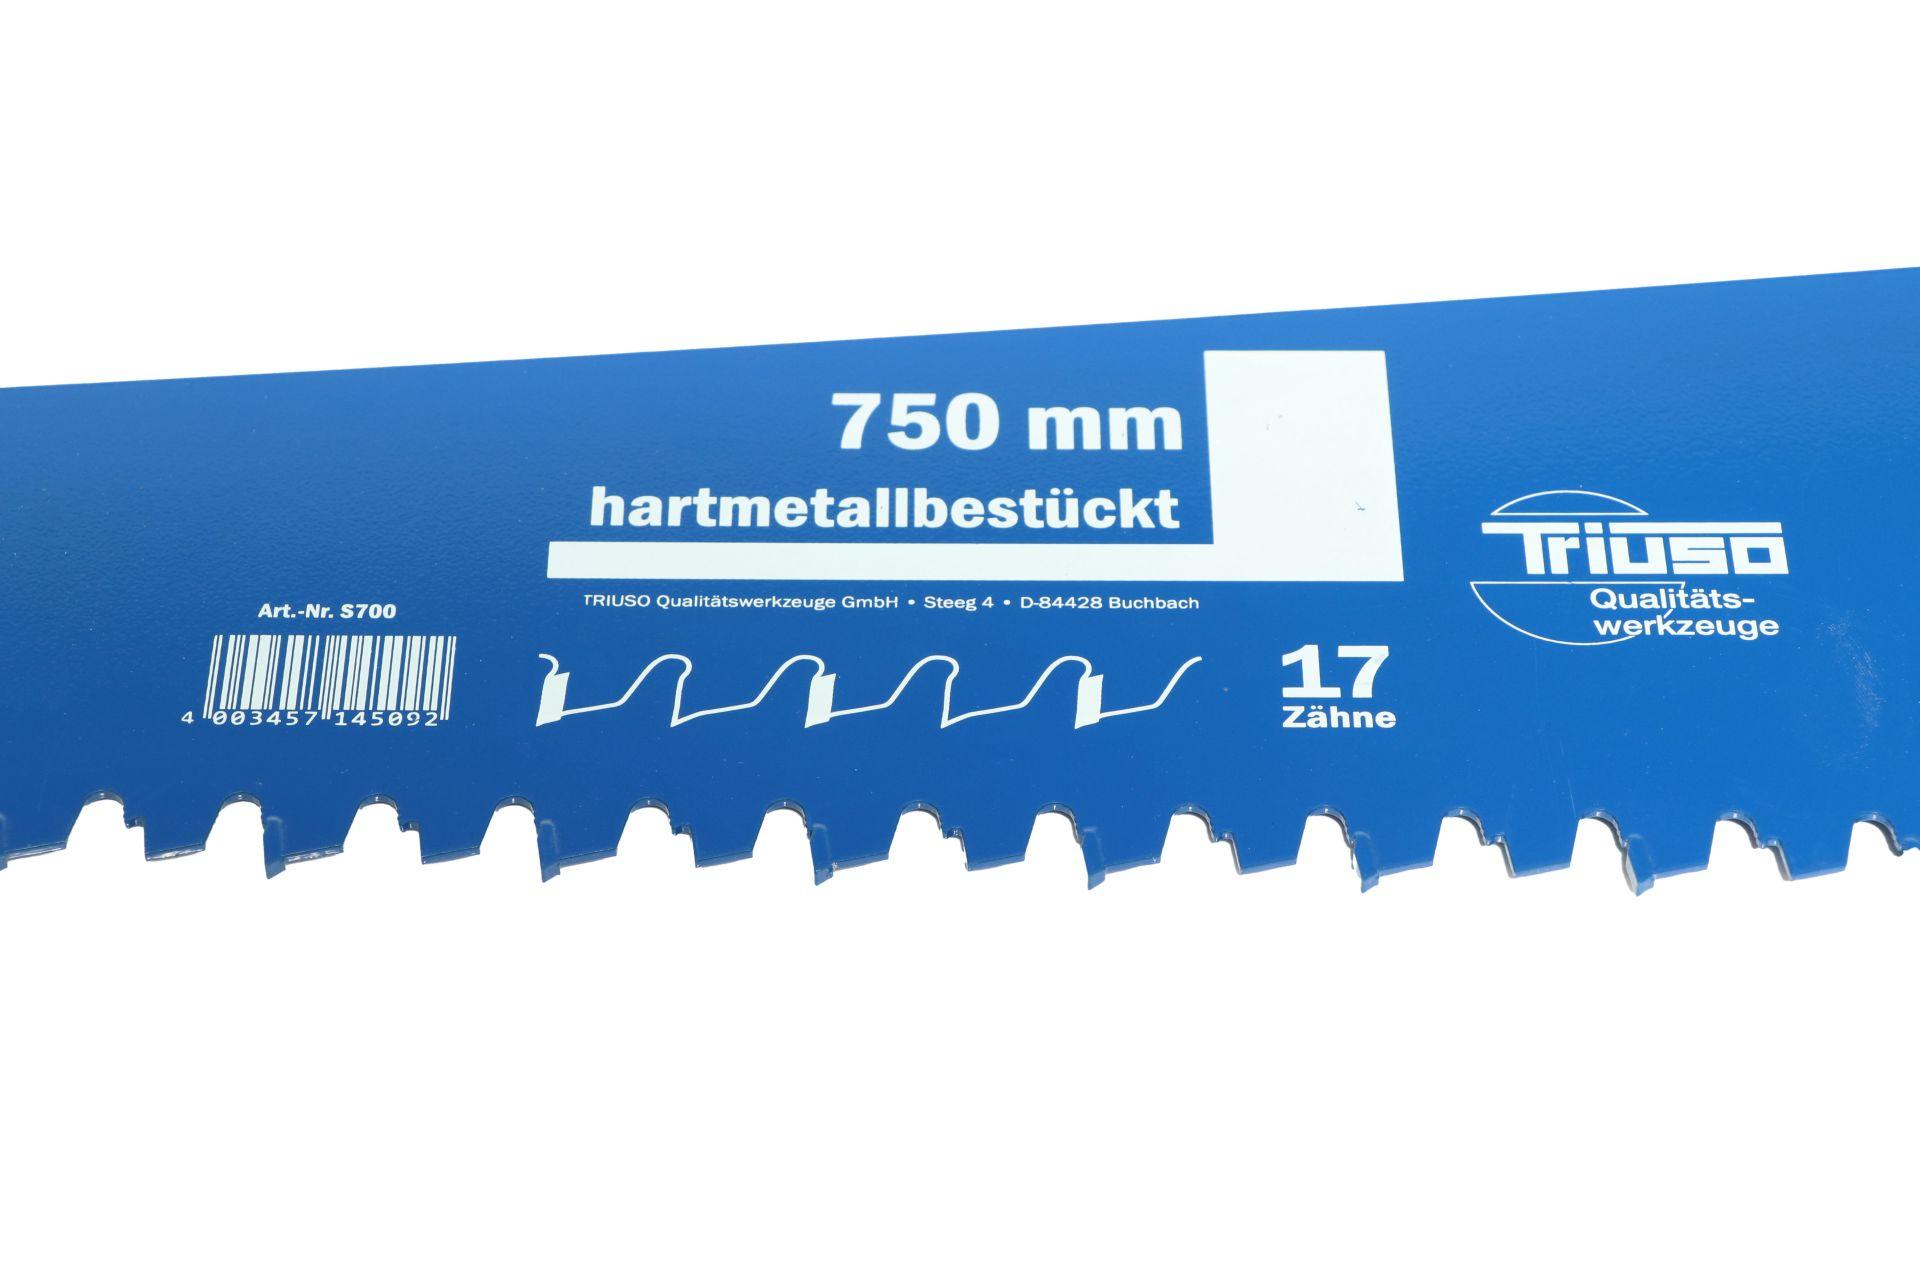 TRIUSO Gasbeton-Handsäge, 17 hartmetallbestückte Zähne, 750 mm